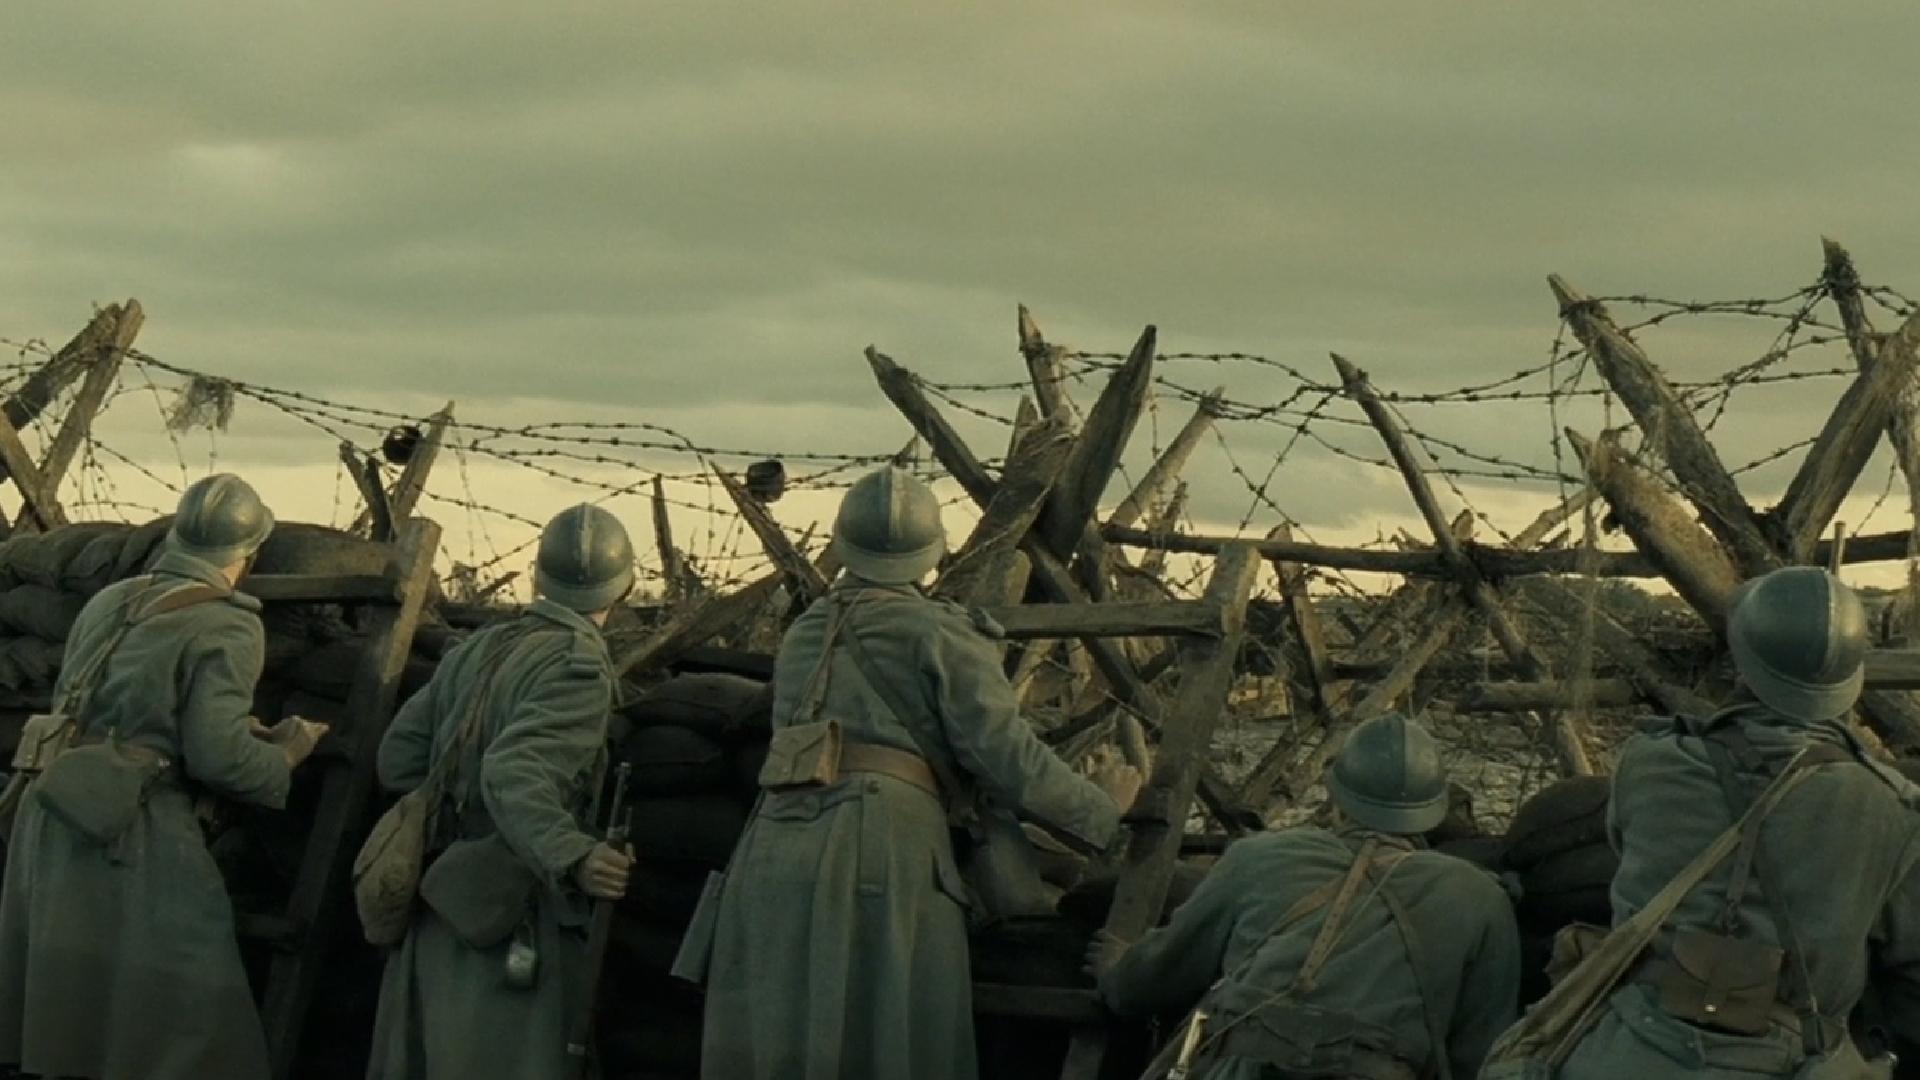 一部震撼到我的法国电影,五个怯战的士兵,被扔到交战区